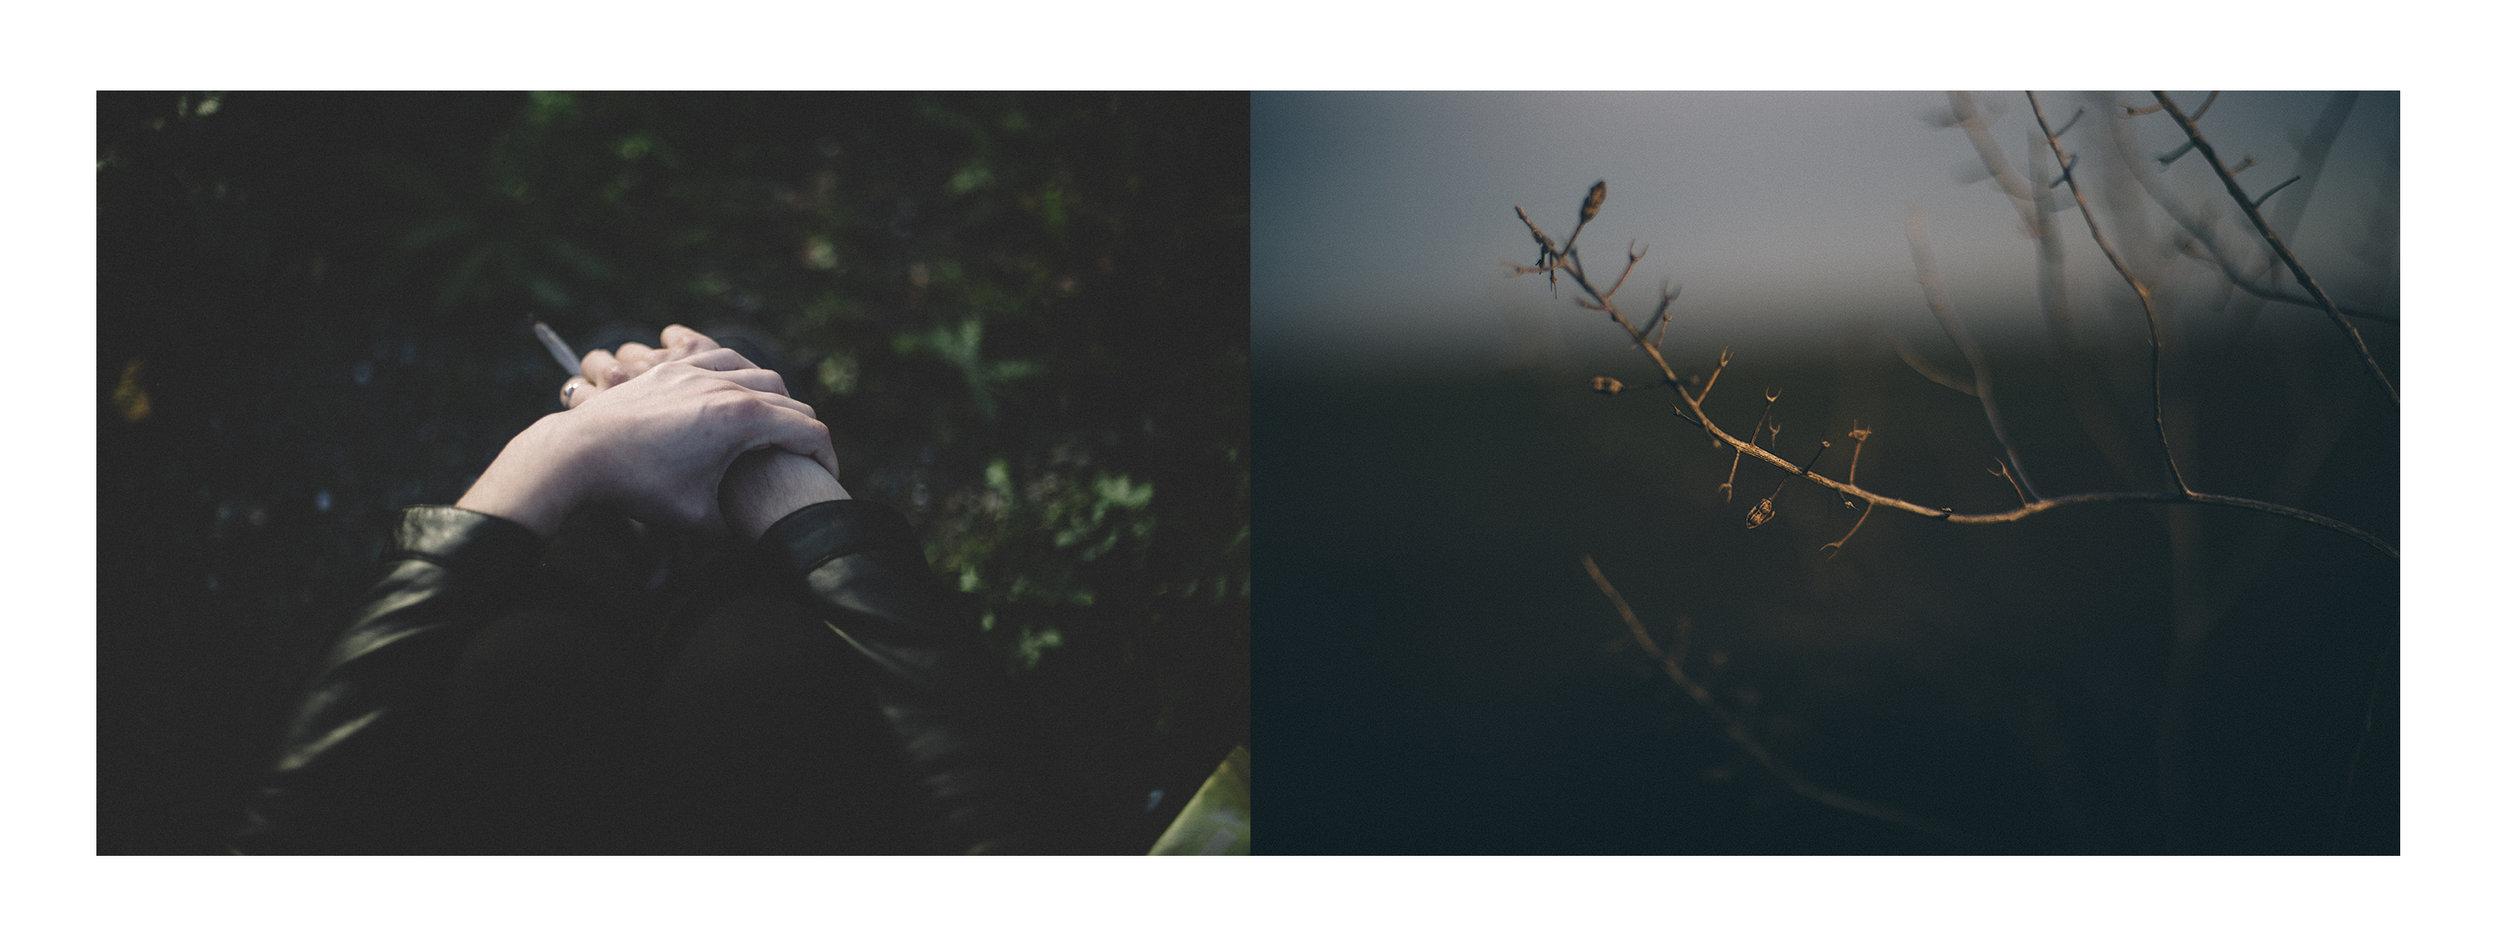 Mano y rama